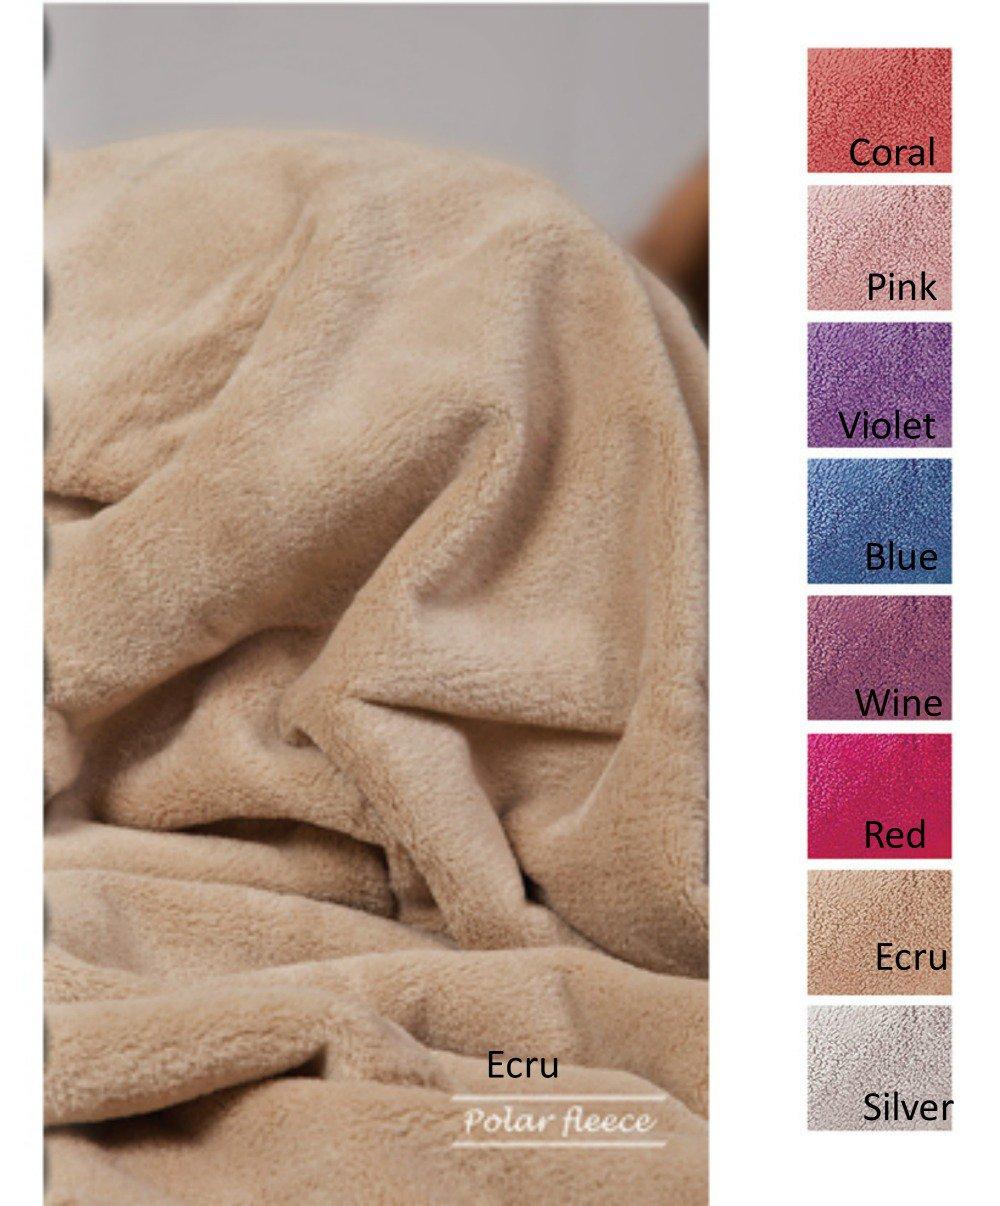 Κουβέρτα Fleece Υπέρδιπλη 220x240 Polar Fleece Solid Palamaiki Polar Fleece Viol λευκά είδη υπνοδωμάτιο κουβέρτες κουβέρτες υπέρδιπλες